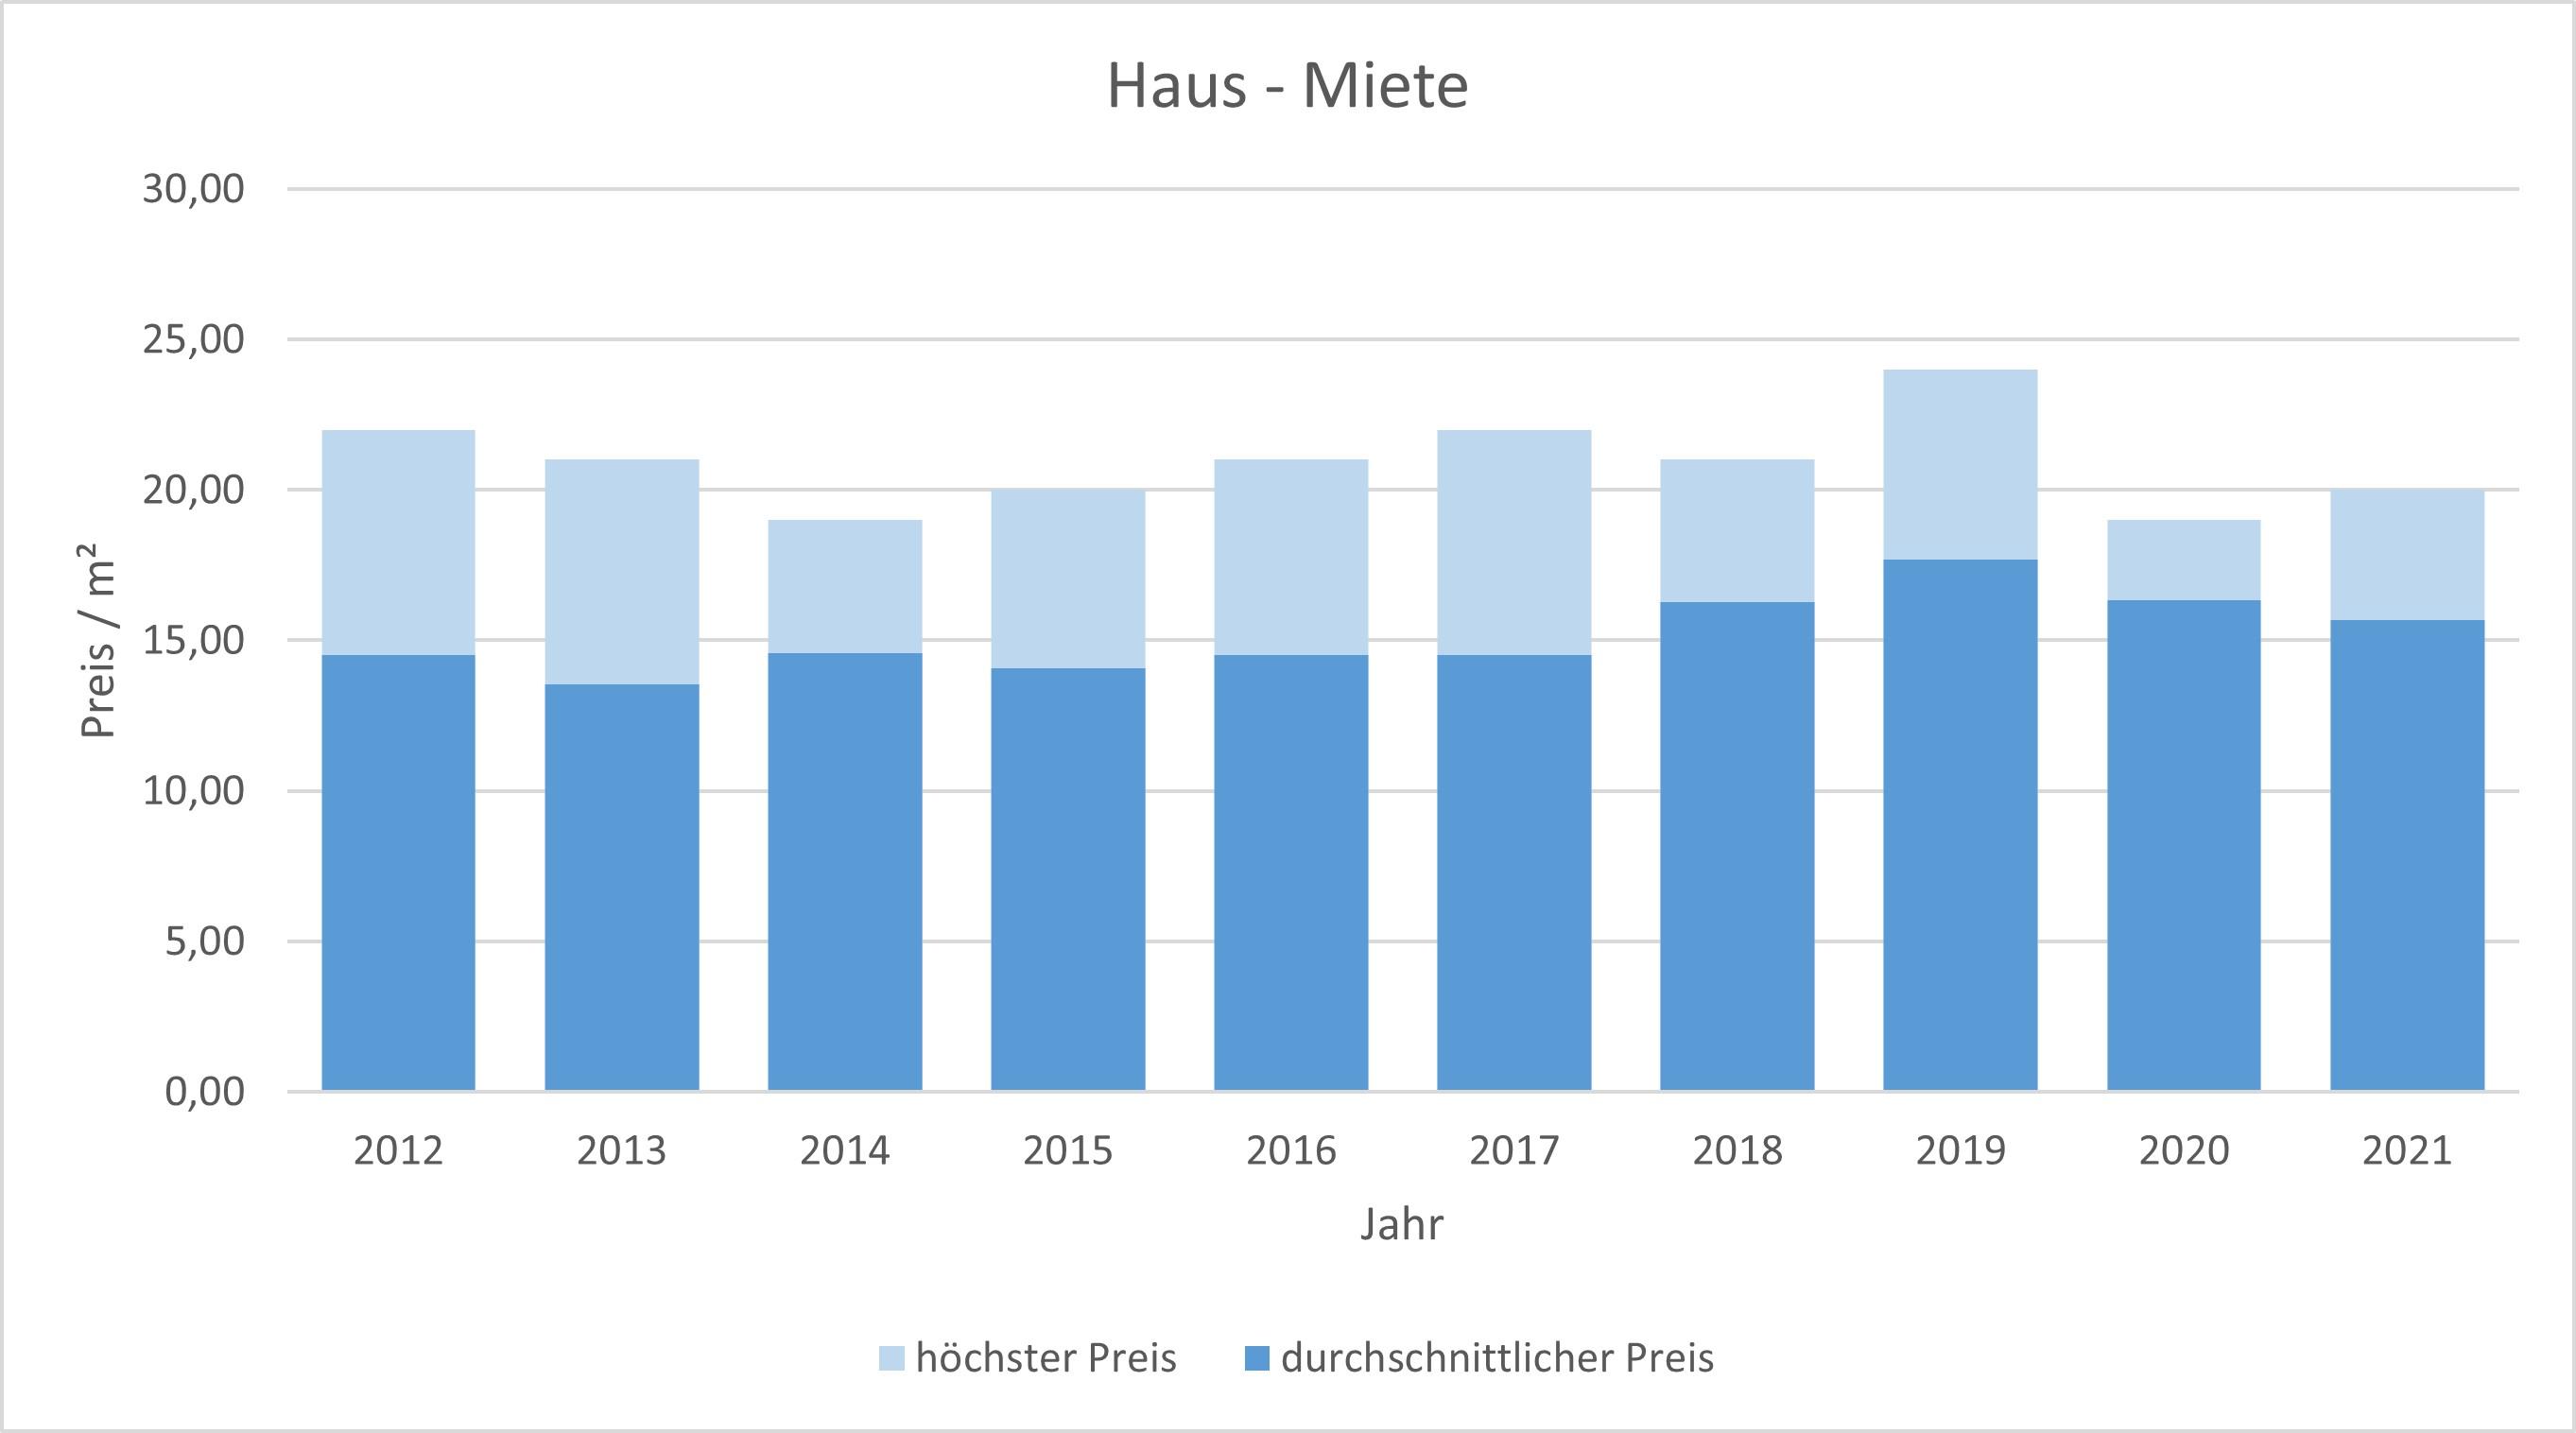 Planegg Haus mieten vermietenkaufen verkaufen Preis Bewertung Makler www.happy-immo.de 2019 2020 2021